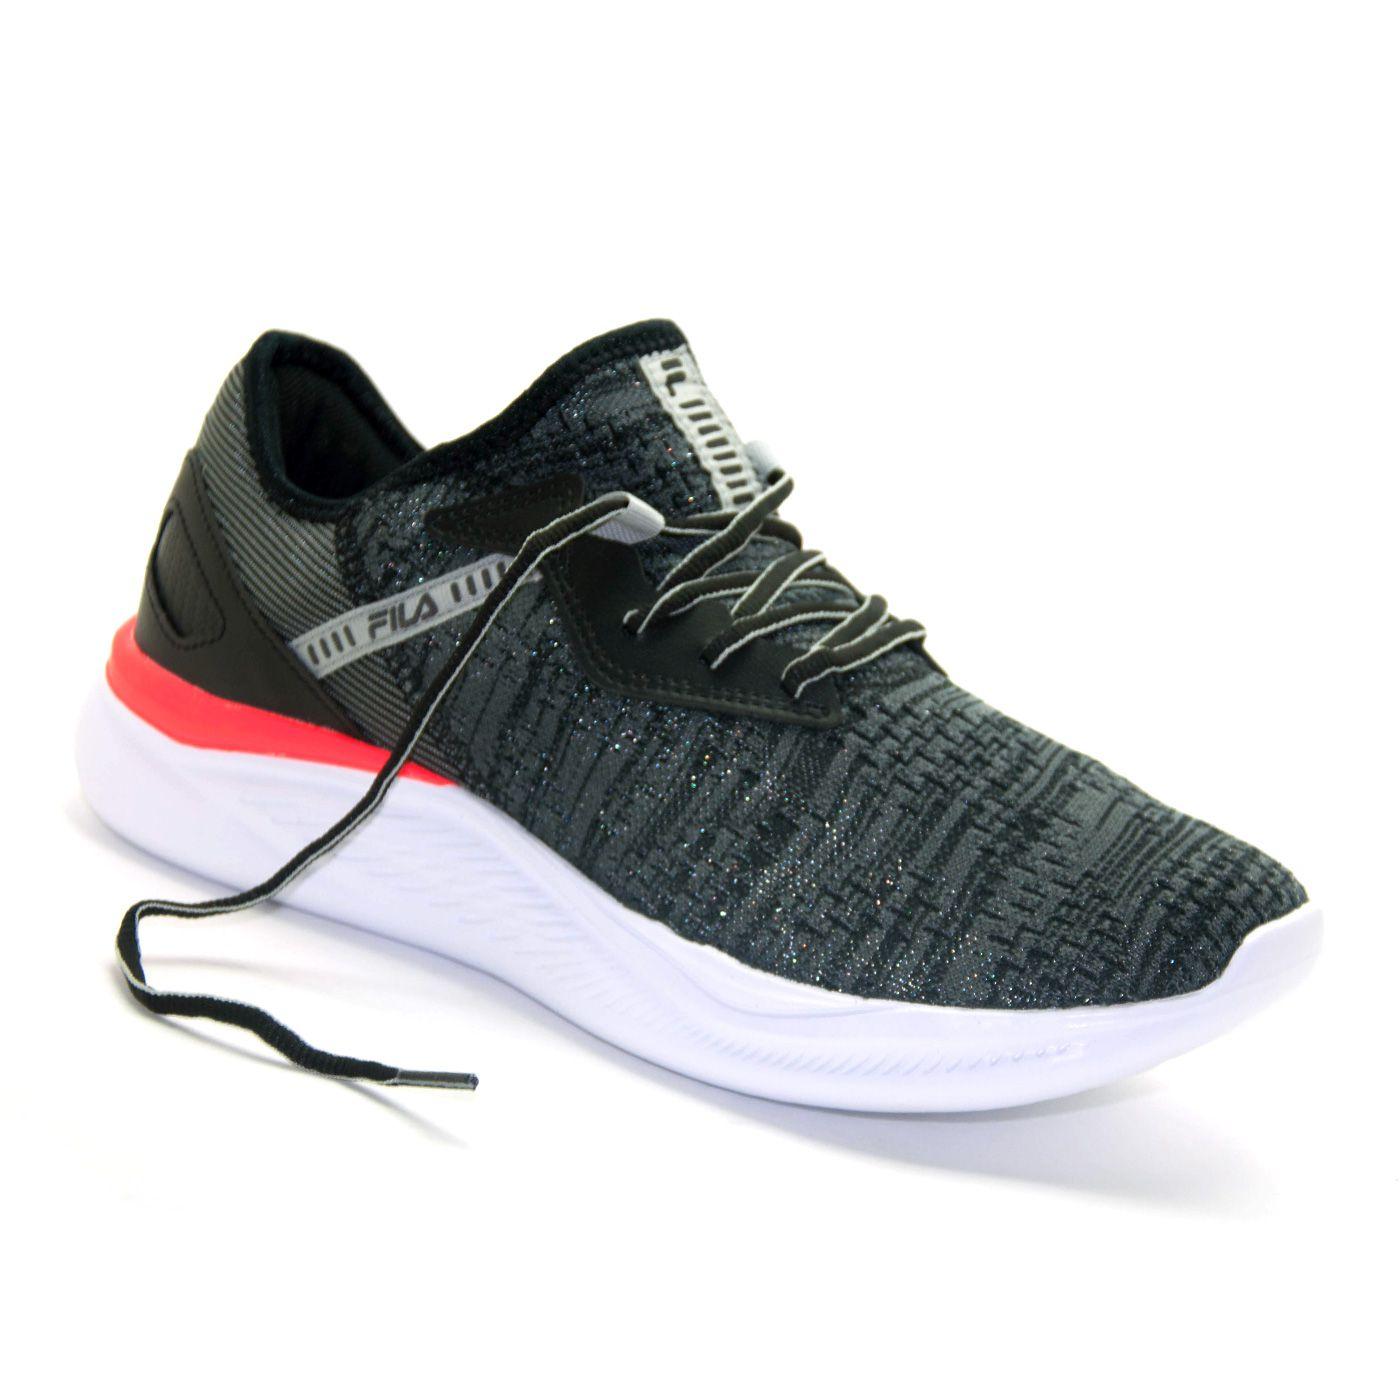 TENIS FILA MEN FOOTWEAR FABULOUS - 11J629X